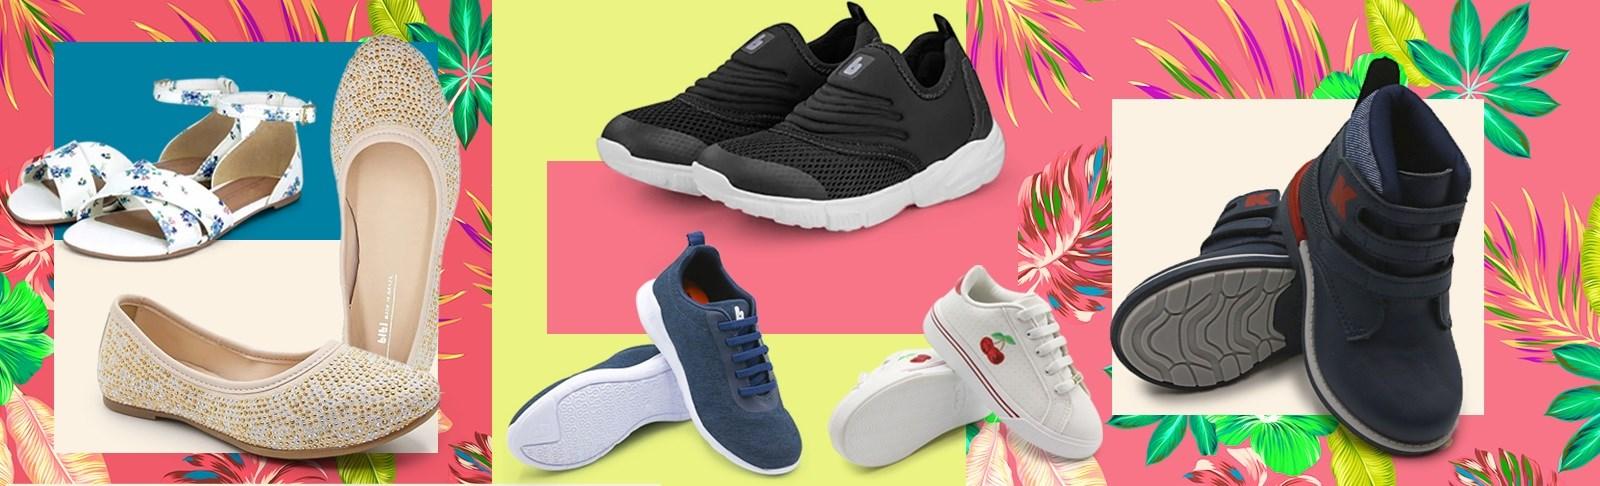 Anita Shoes - Calçados e Acessórios - Calçados Infantis - Calçados bebê, infantil, menino, menina. Diversas marcas, cores e modelos.